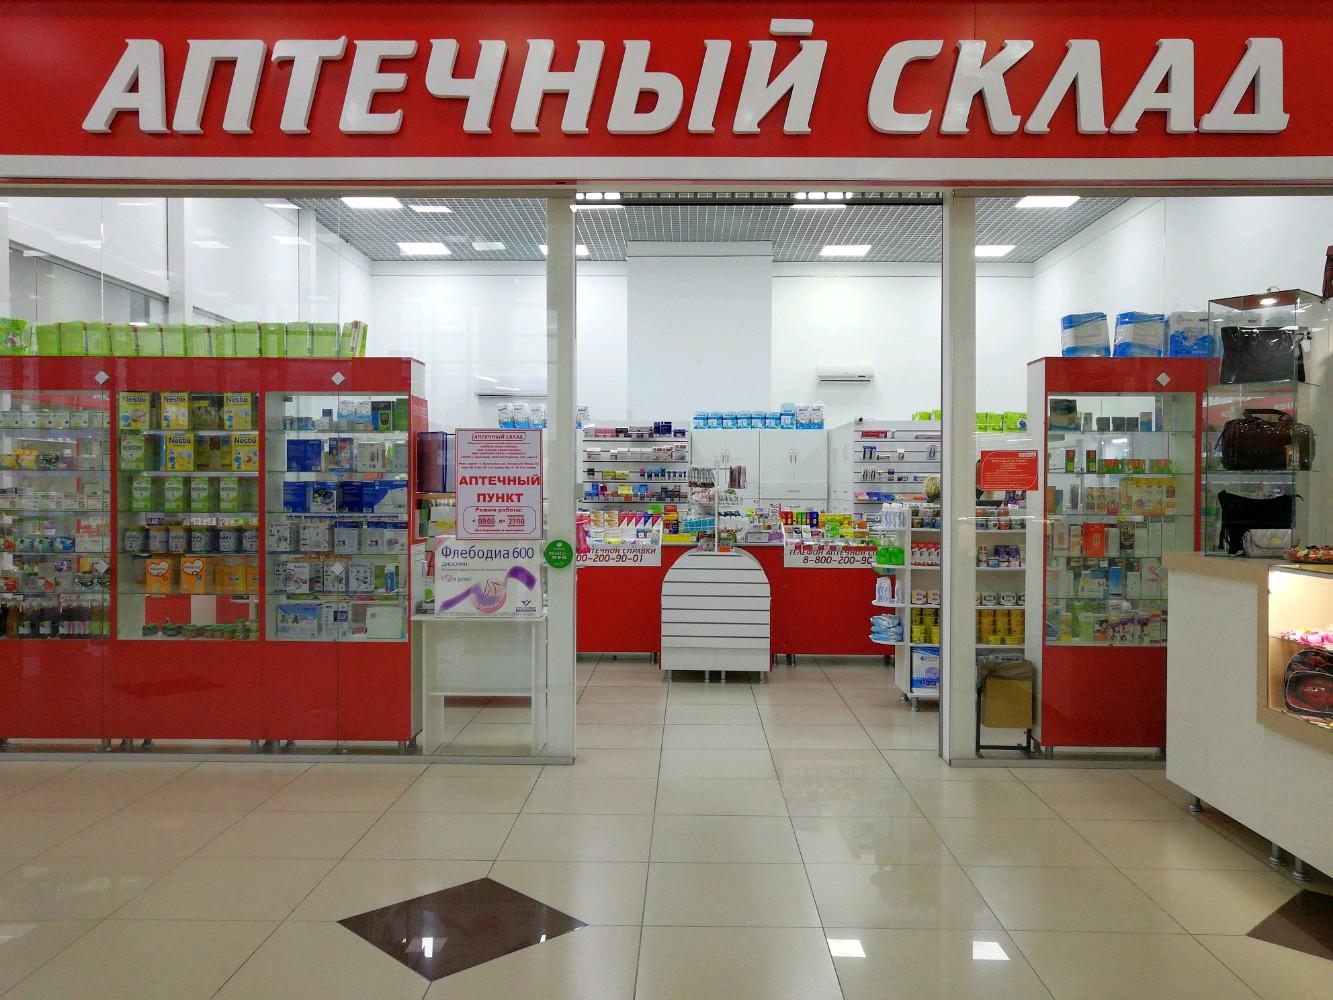 """""""Аптечный склад"""" в Брянске лишился вывески"""